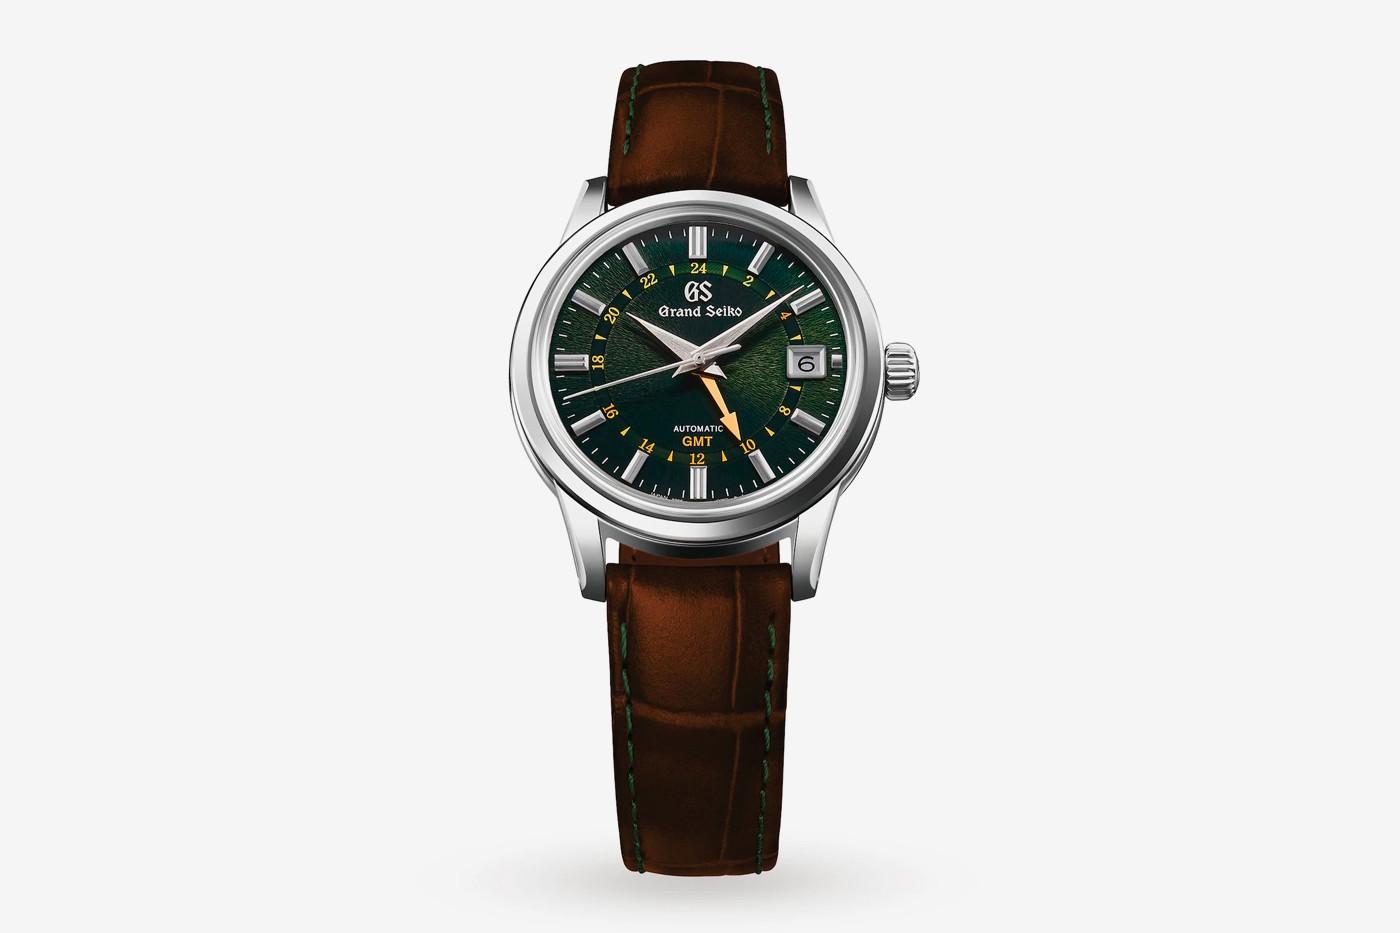 Mẫu đồng hồ Grand Seiko GMT đặc biệt mang dấu ấn Nhật - Anh